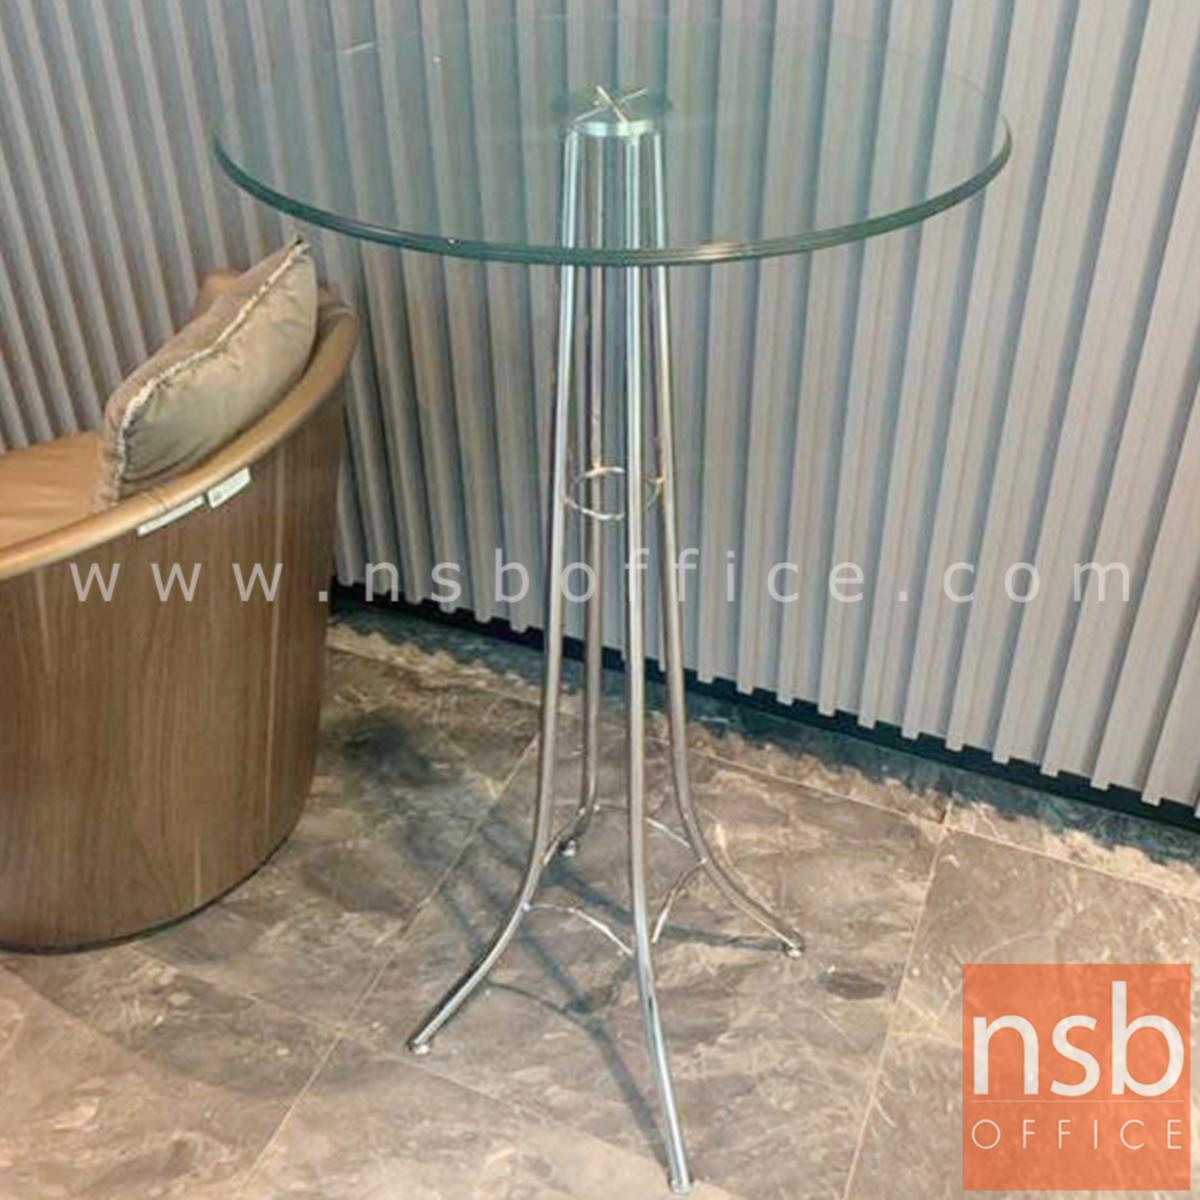 โต๊ะกลมหน้ากระจก รุ่น Witherspoon (วิเธอร์สปูน) ขนาด 60Di cm.  โครงเหล็กชุบโครเมี่ยม